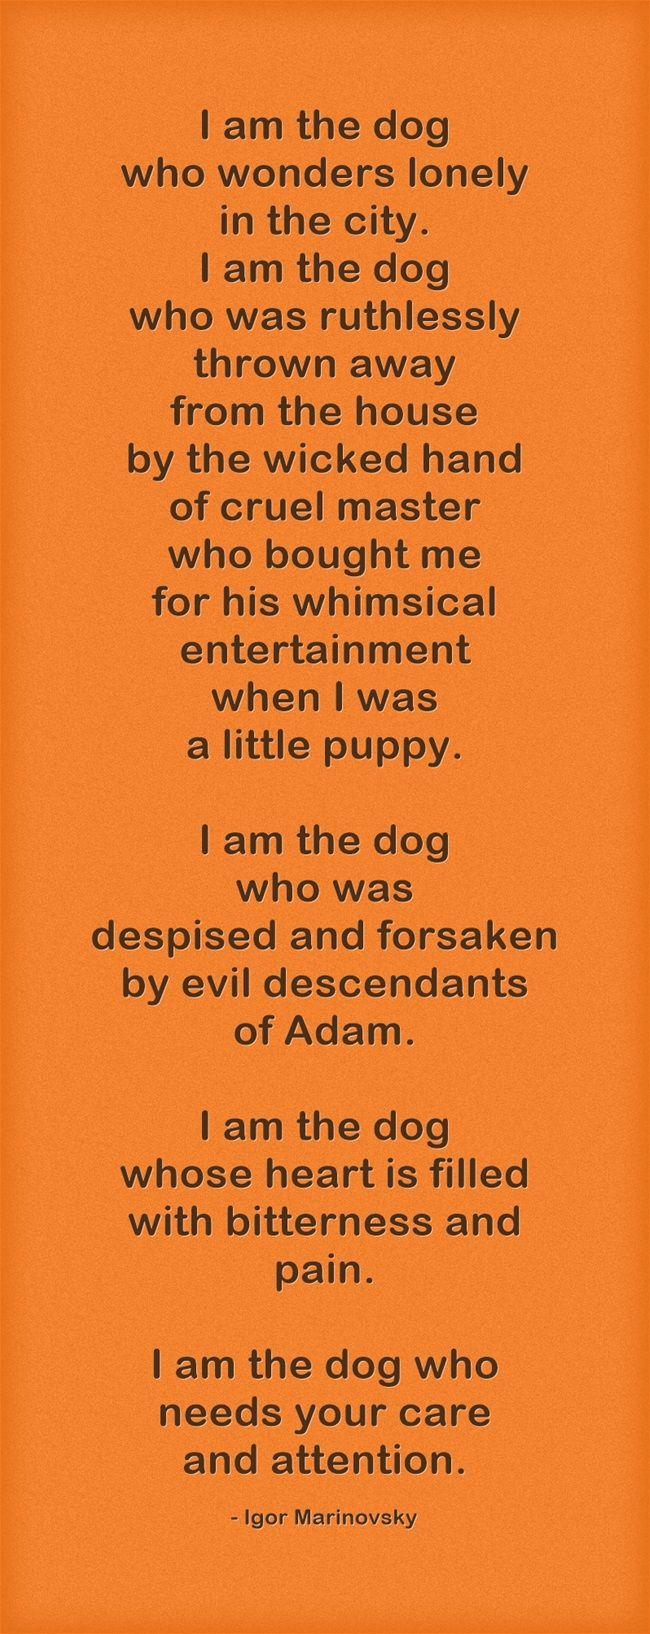 Poem homeless dog - poetry, poem - igormarinovsky | ello